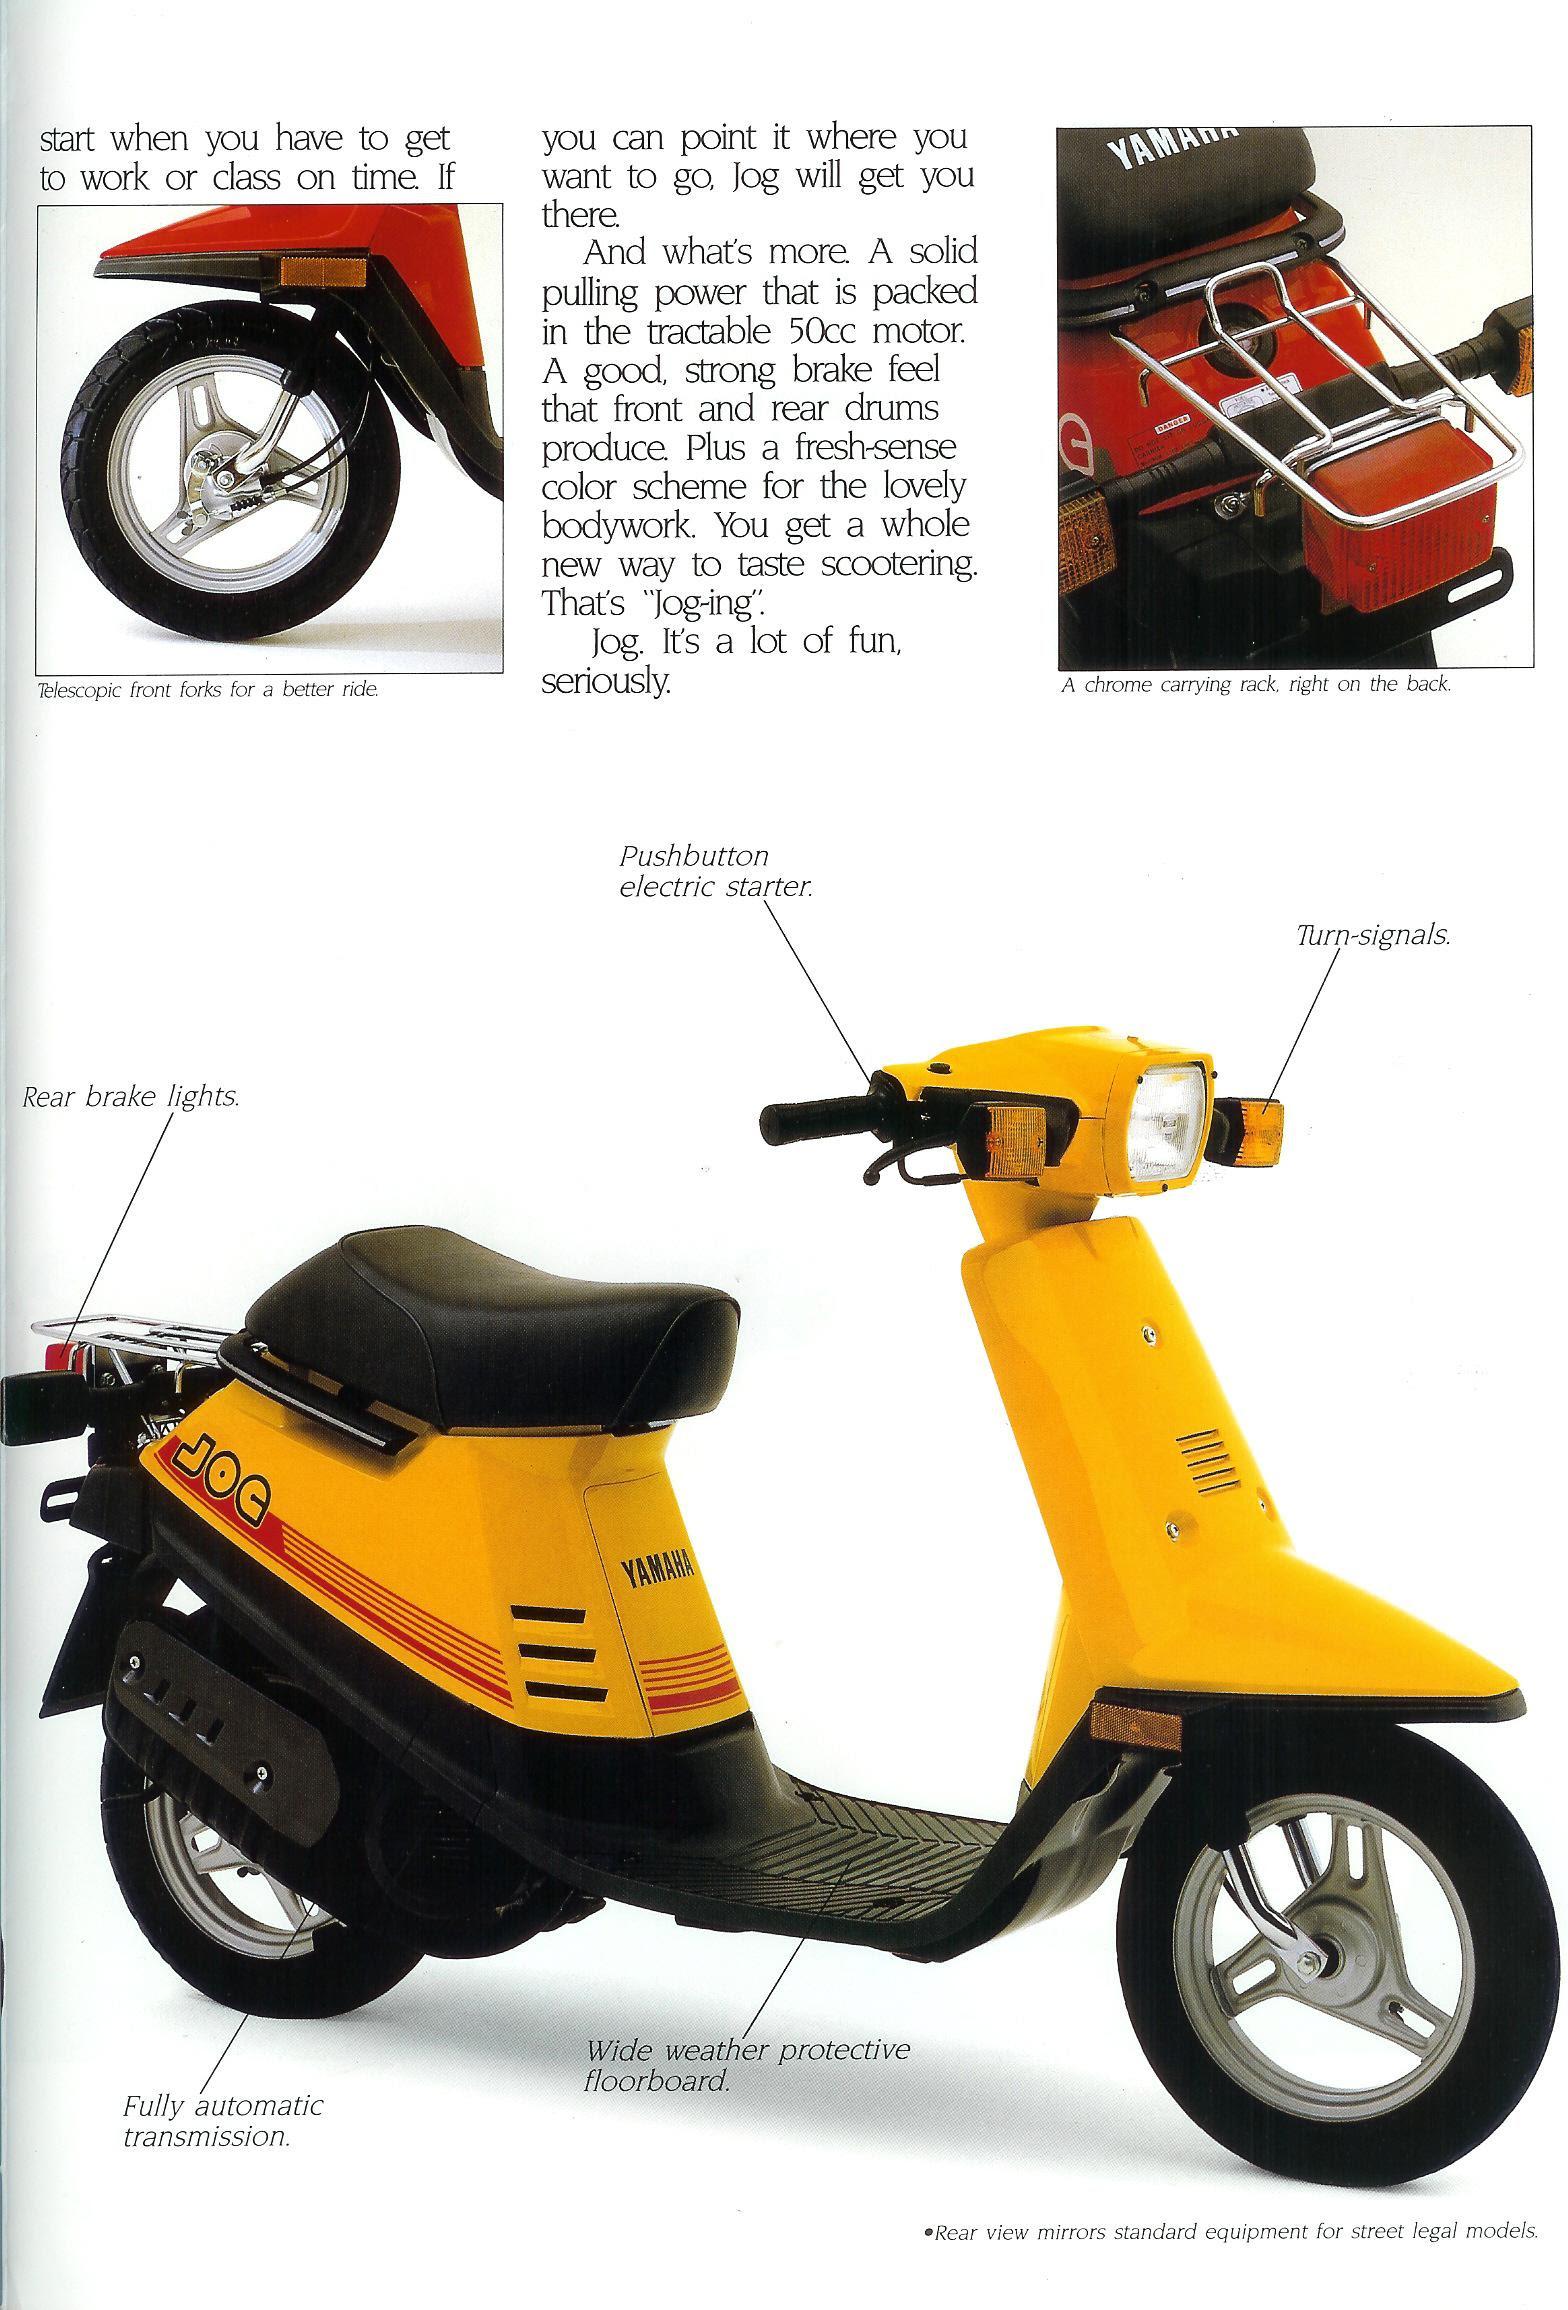 Yamaha Jog Ad Brochure Scans Motor Scooter Guide